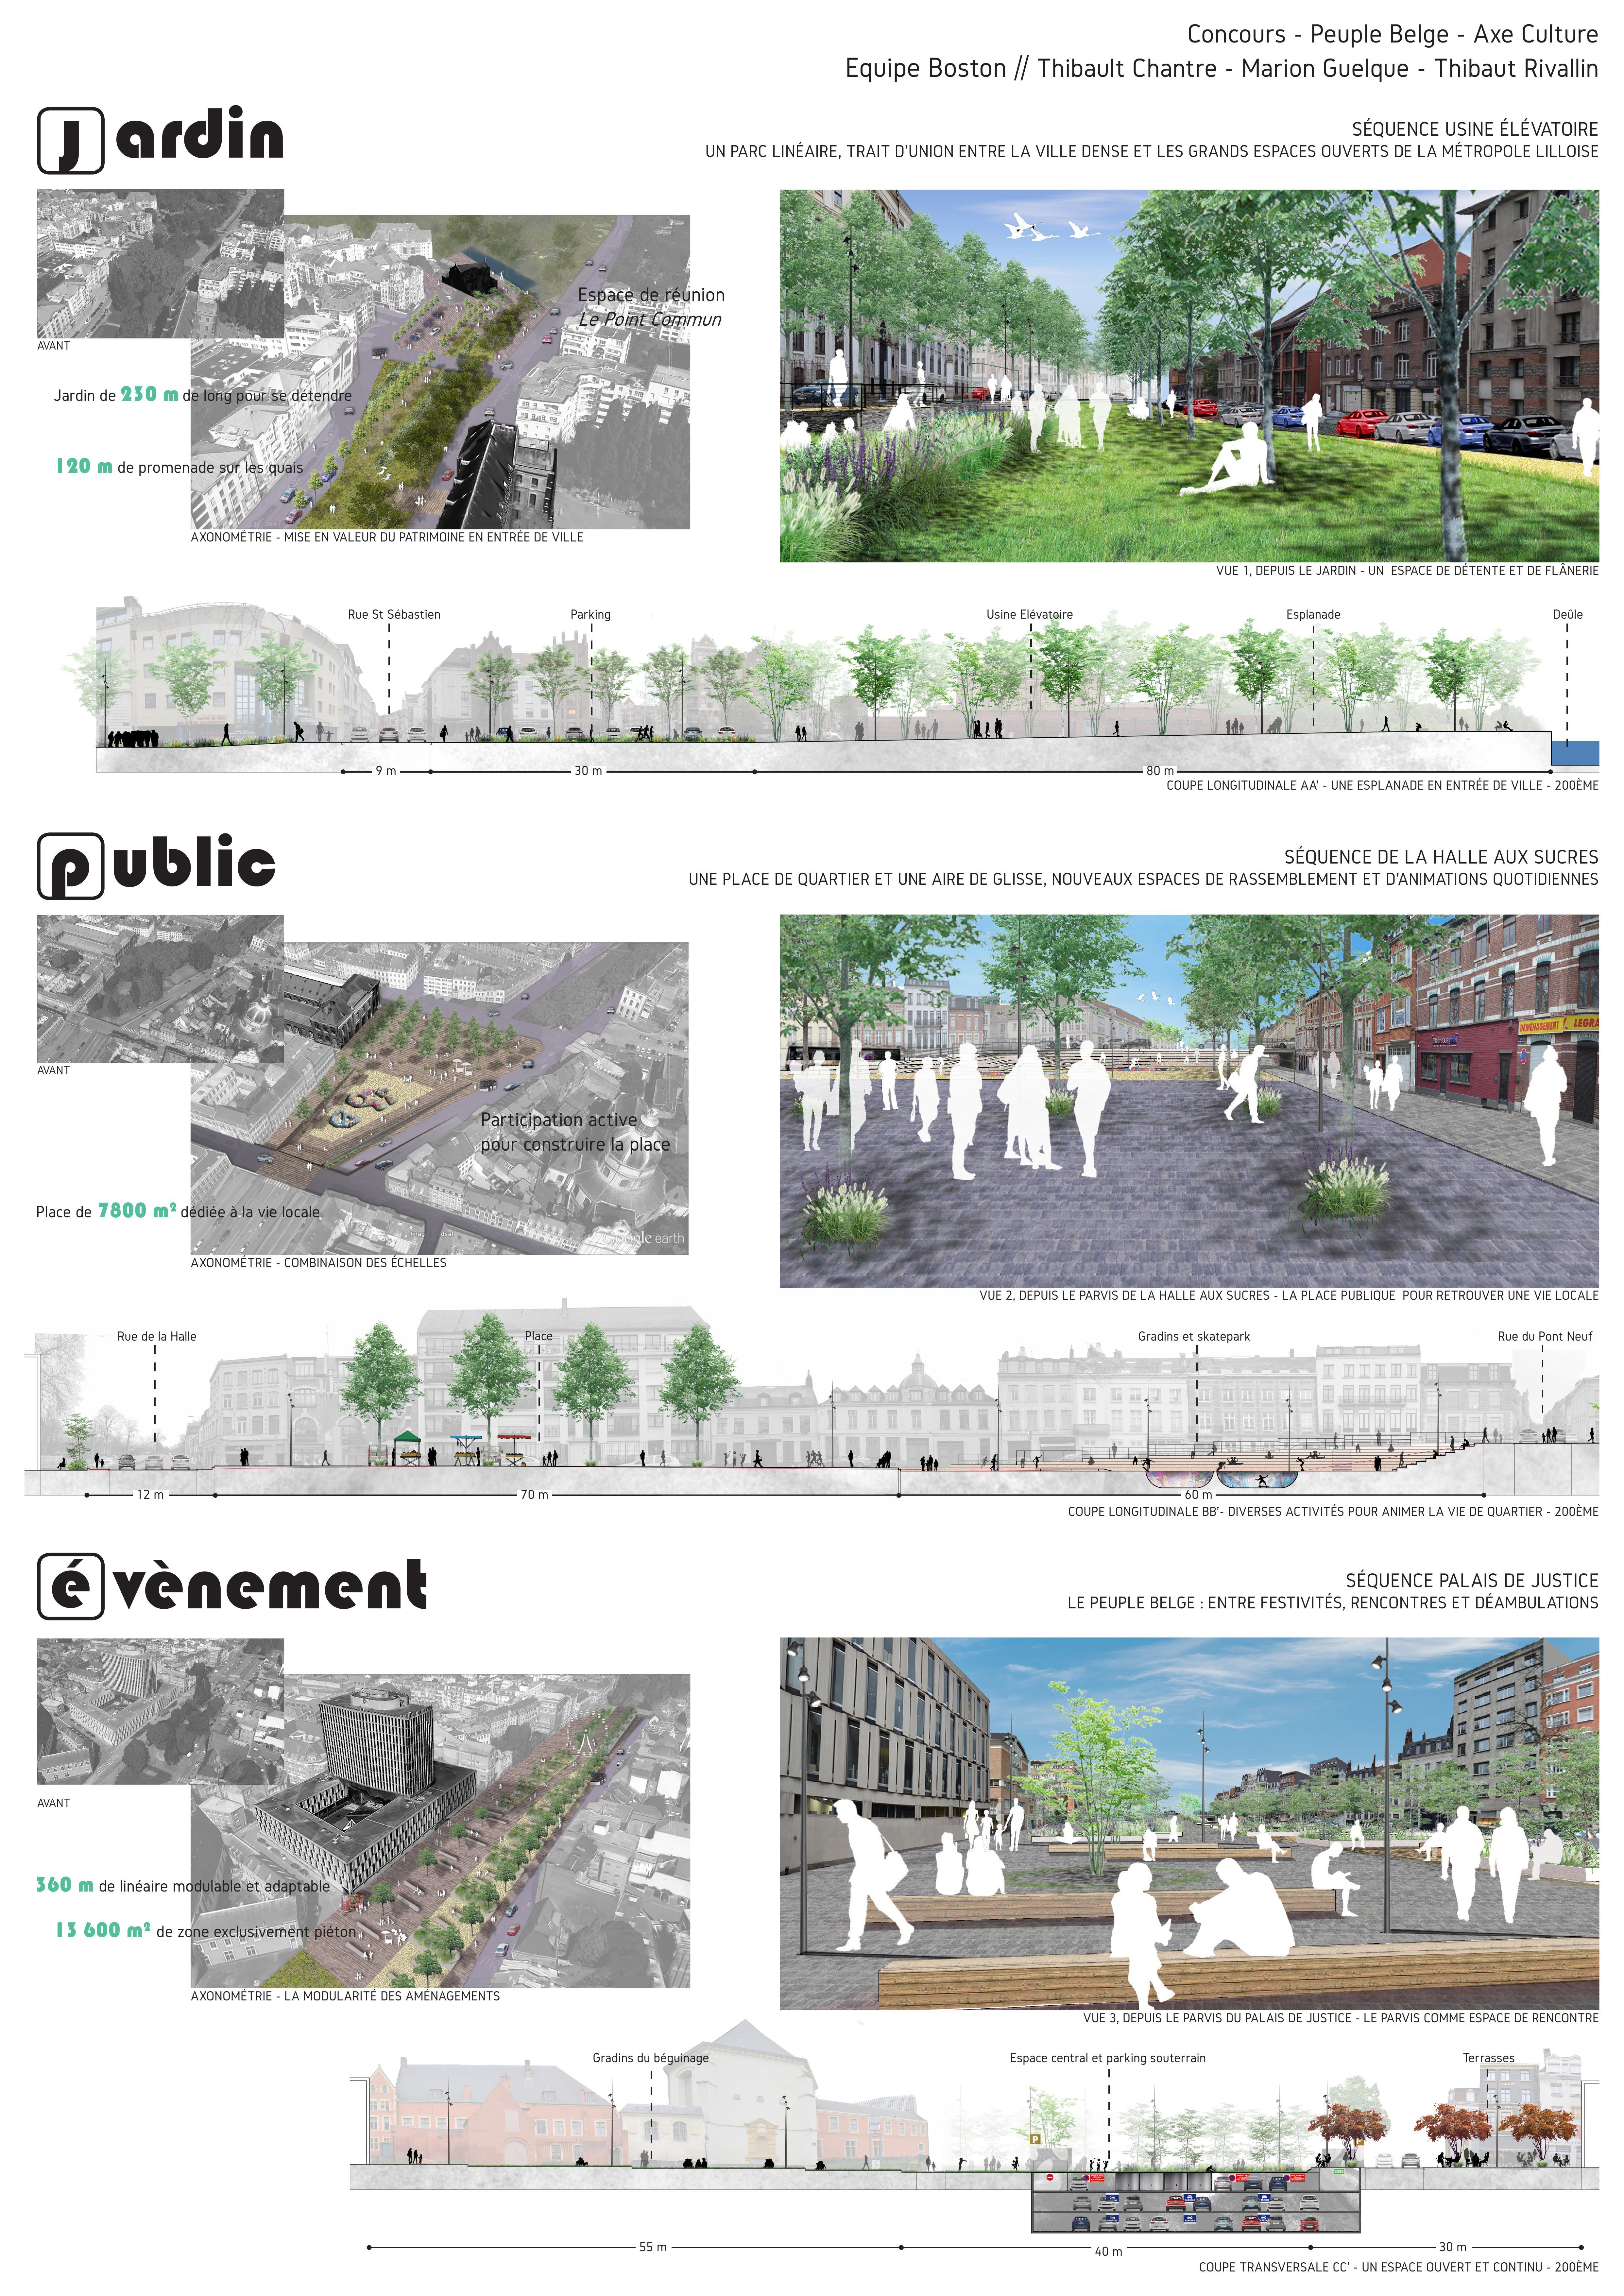 Equipe Boston Planche projet A0 Peuple Belge parc lineaire(1)_000002